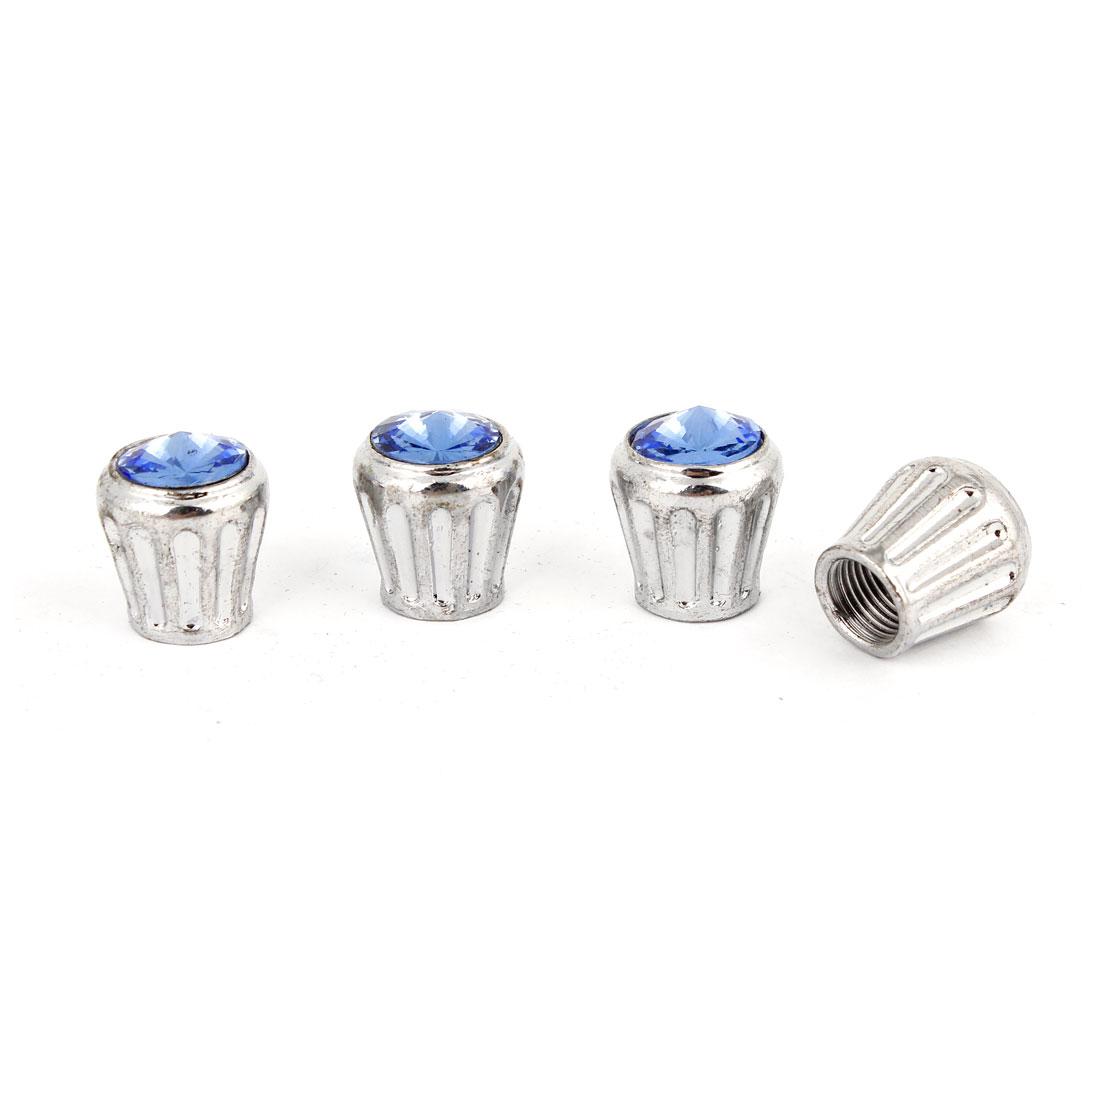 4 Pcs 7mm Inner Dia Blue Plastic Rhinestone Detail Tire Valve Cap Cover for Auto